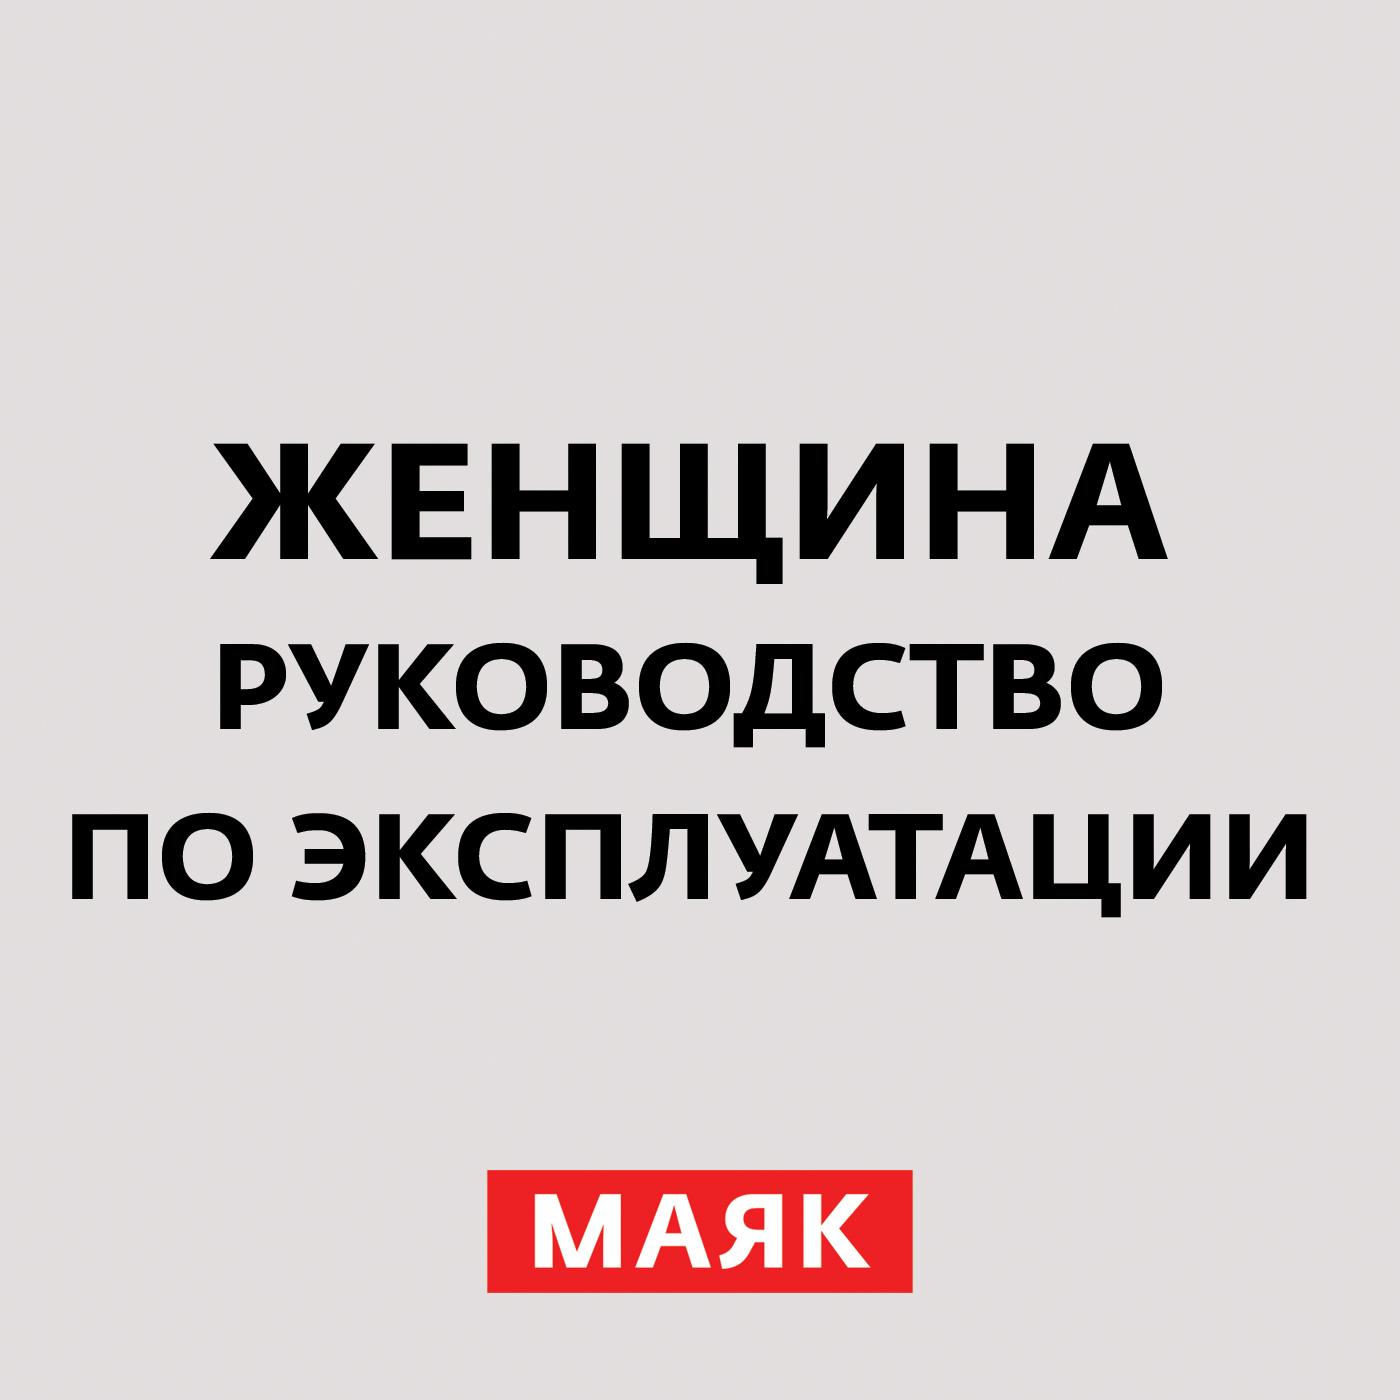 Творческий коллектив радио «Маяк» Супружеские игры творческий коллектив радио маяк теща